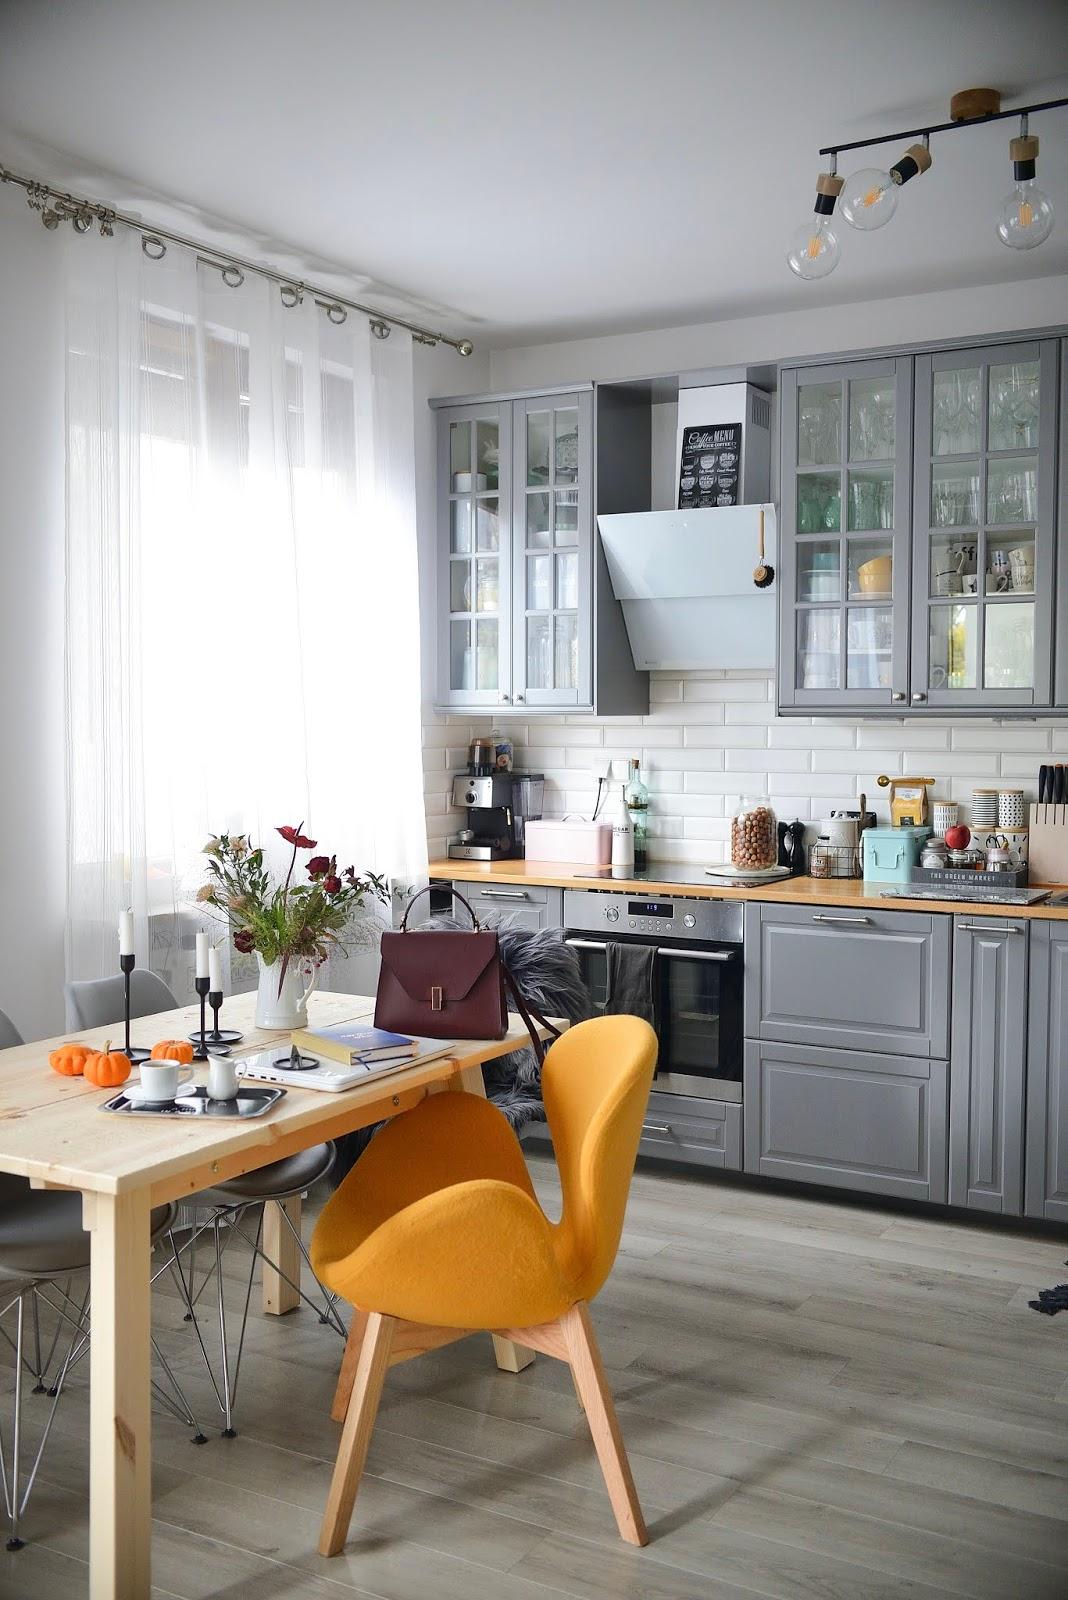 Kuchnia w stylu skandynawskim - co zmieniliśmy?